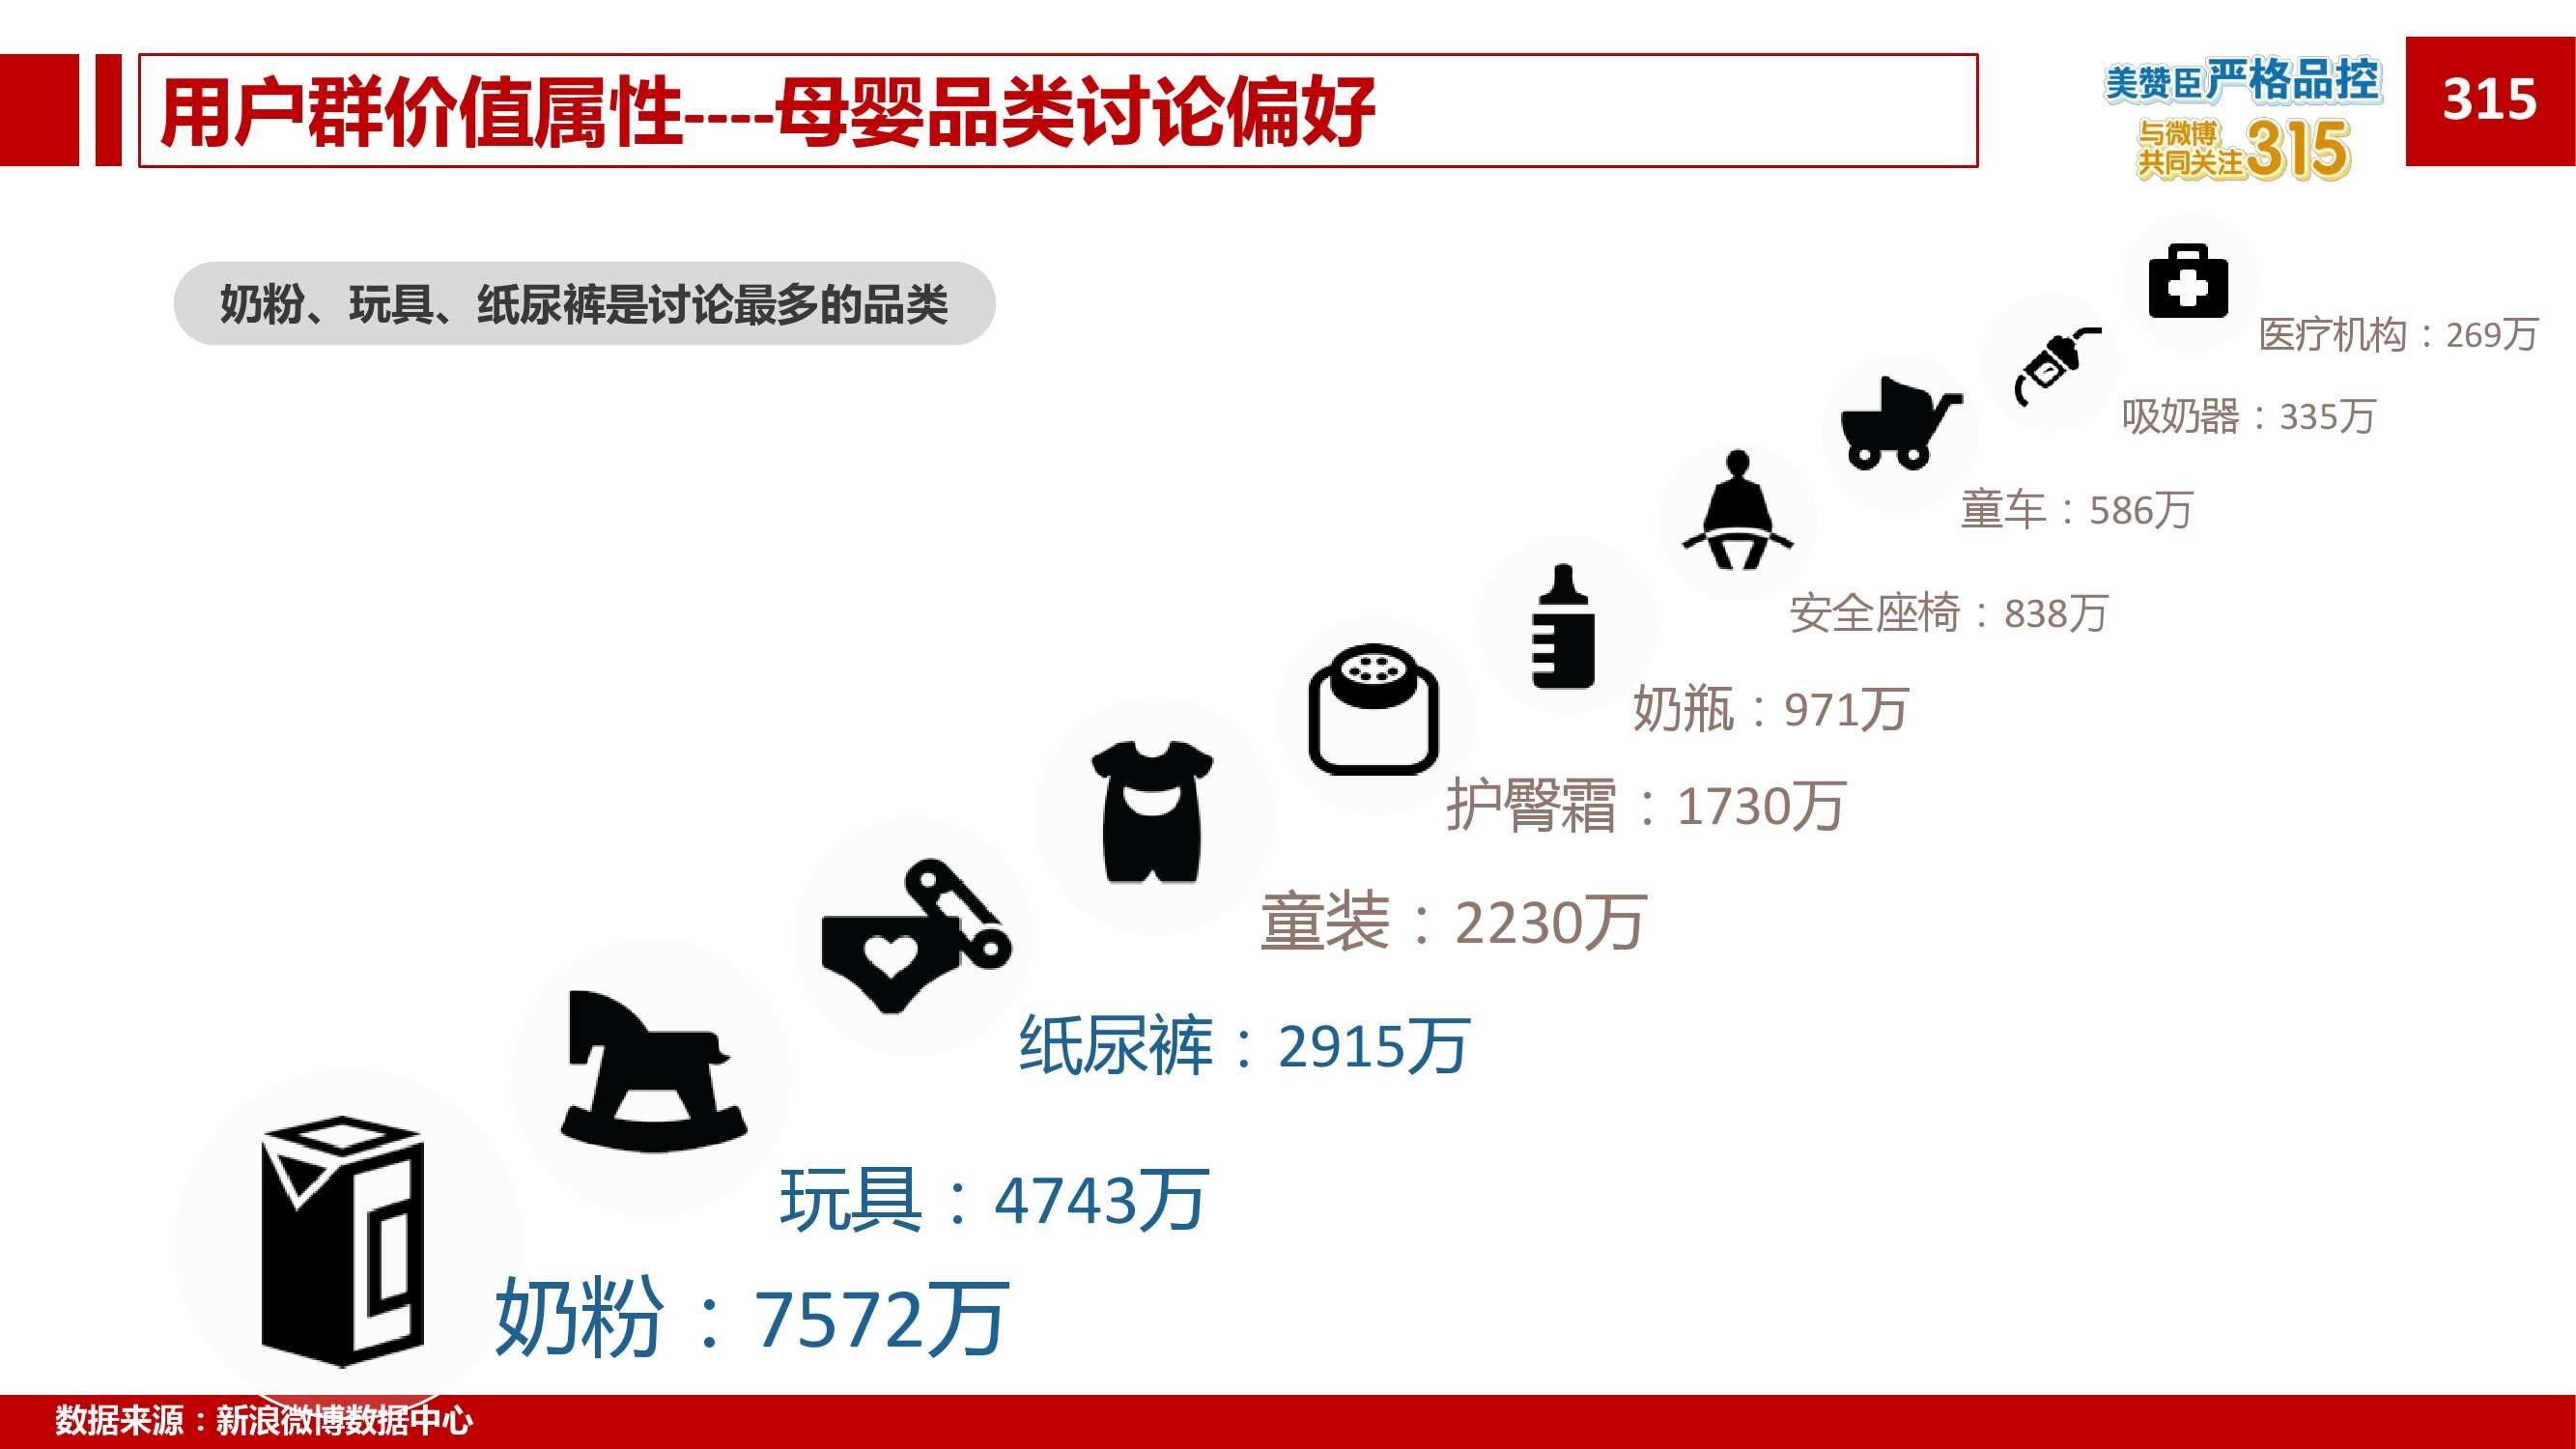 2015年微博消费者白皮书_000081